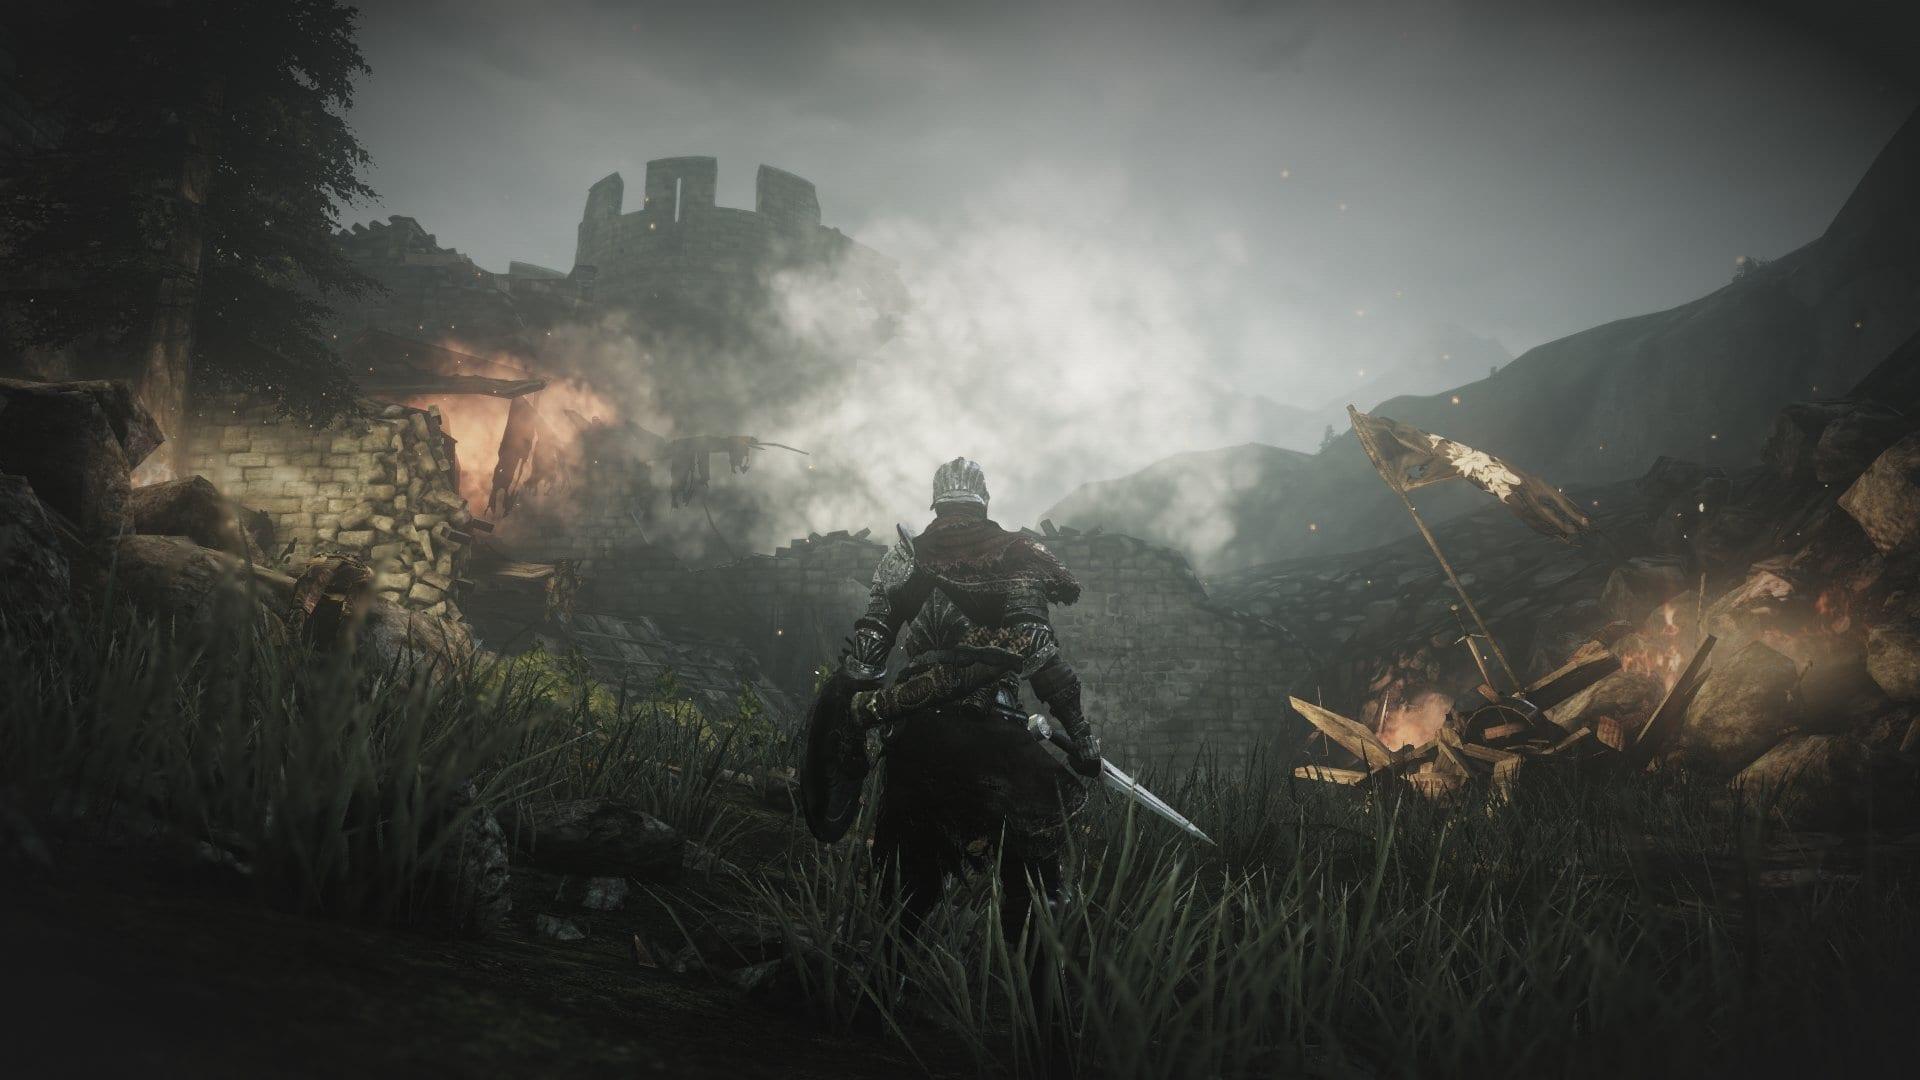 Dark Souls 2 Modder Reveals Progress With Incredible Graphics Overhaul